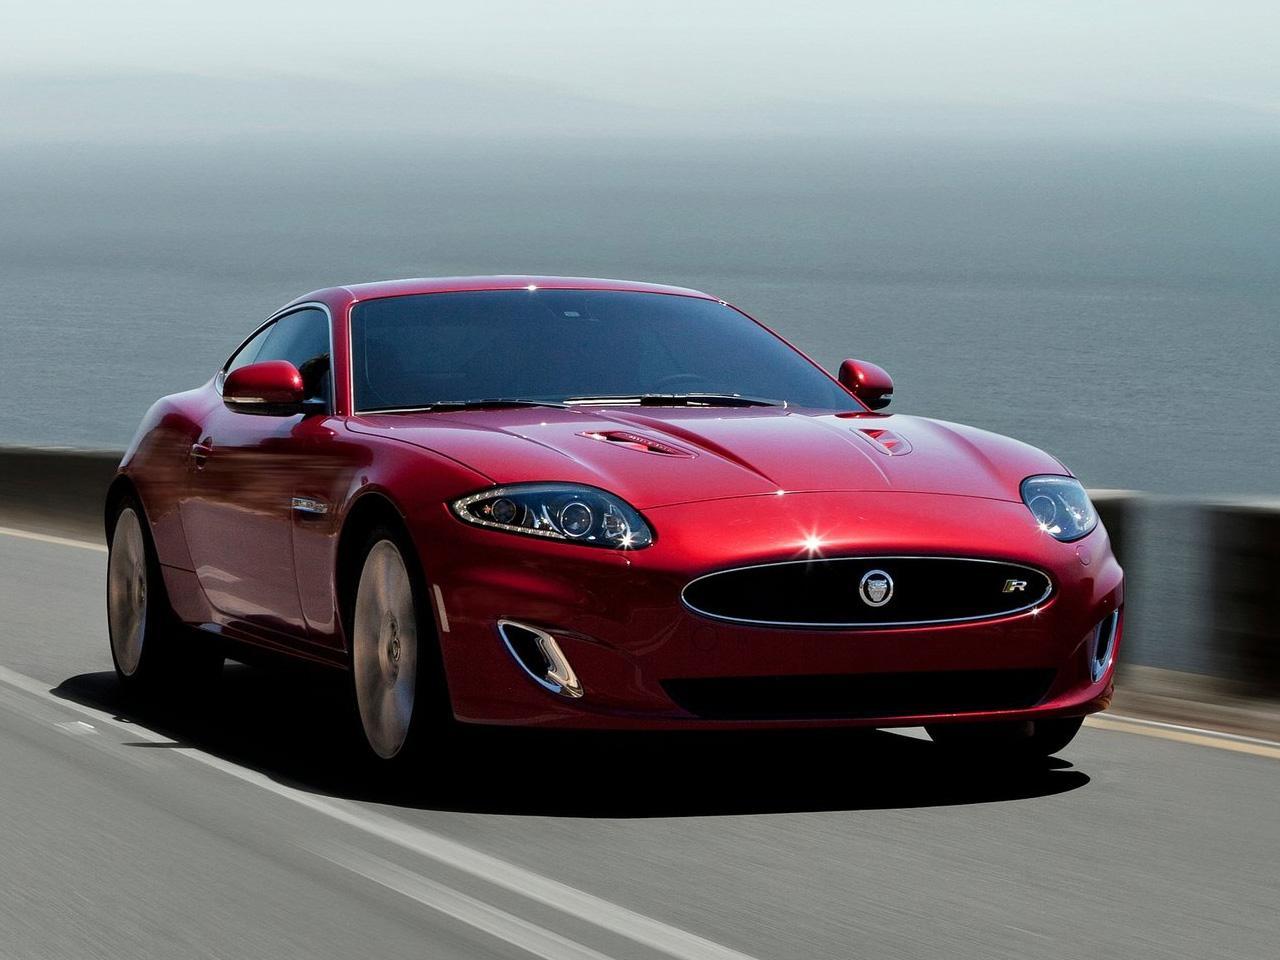 jaguar xkr s 2012 hottest cars today. Black Bedroom Furniture Sets. Home Design Ideas